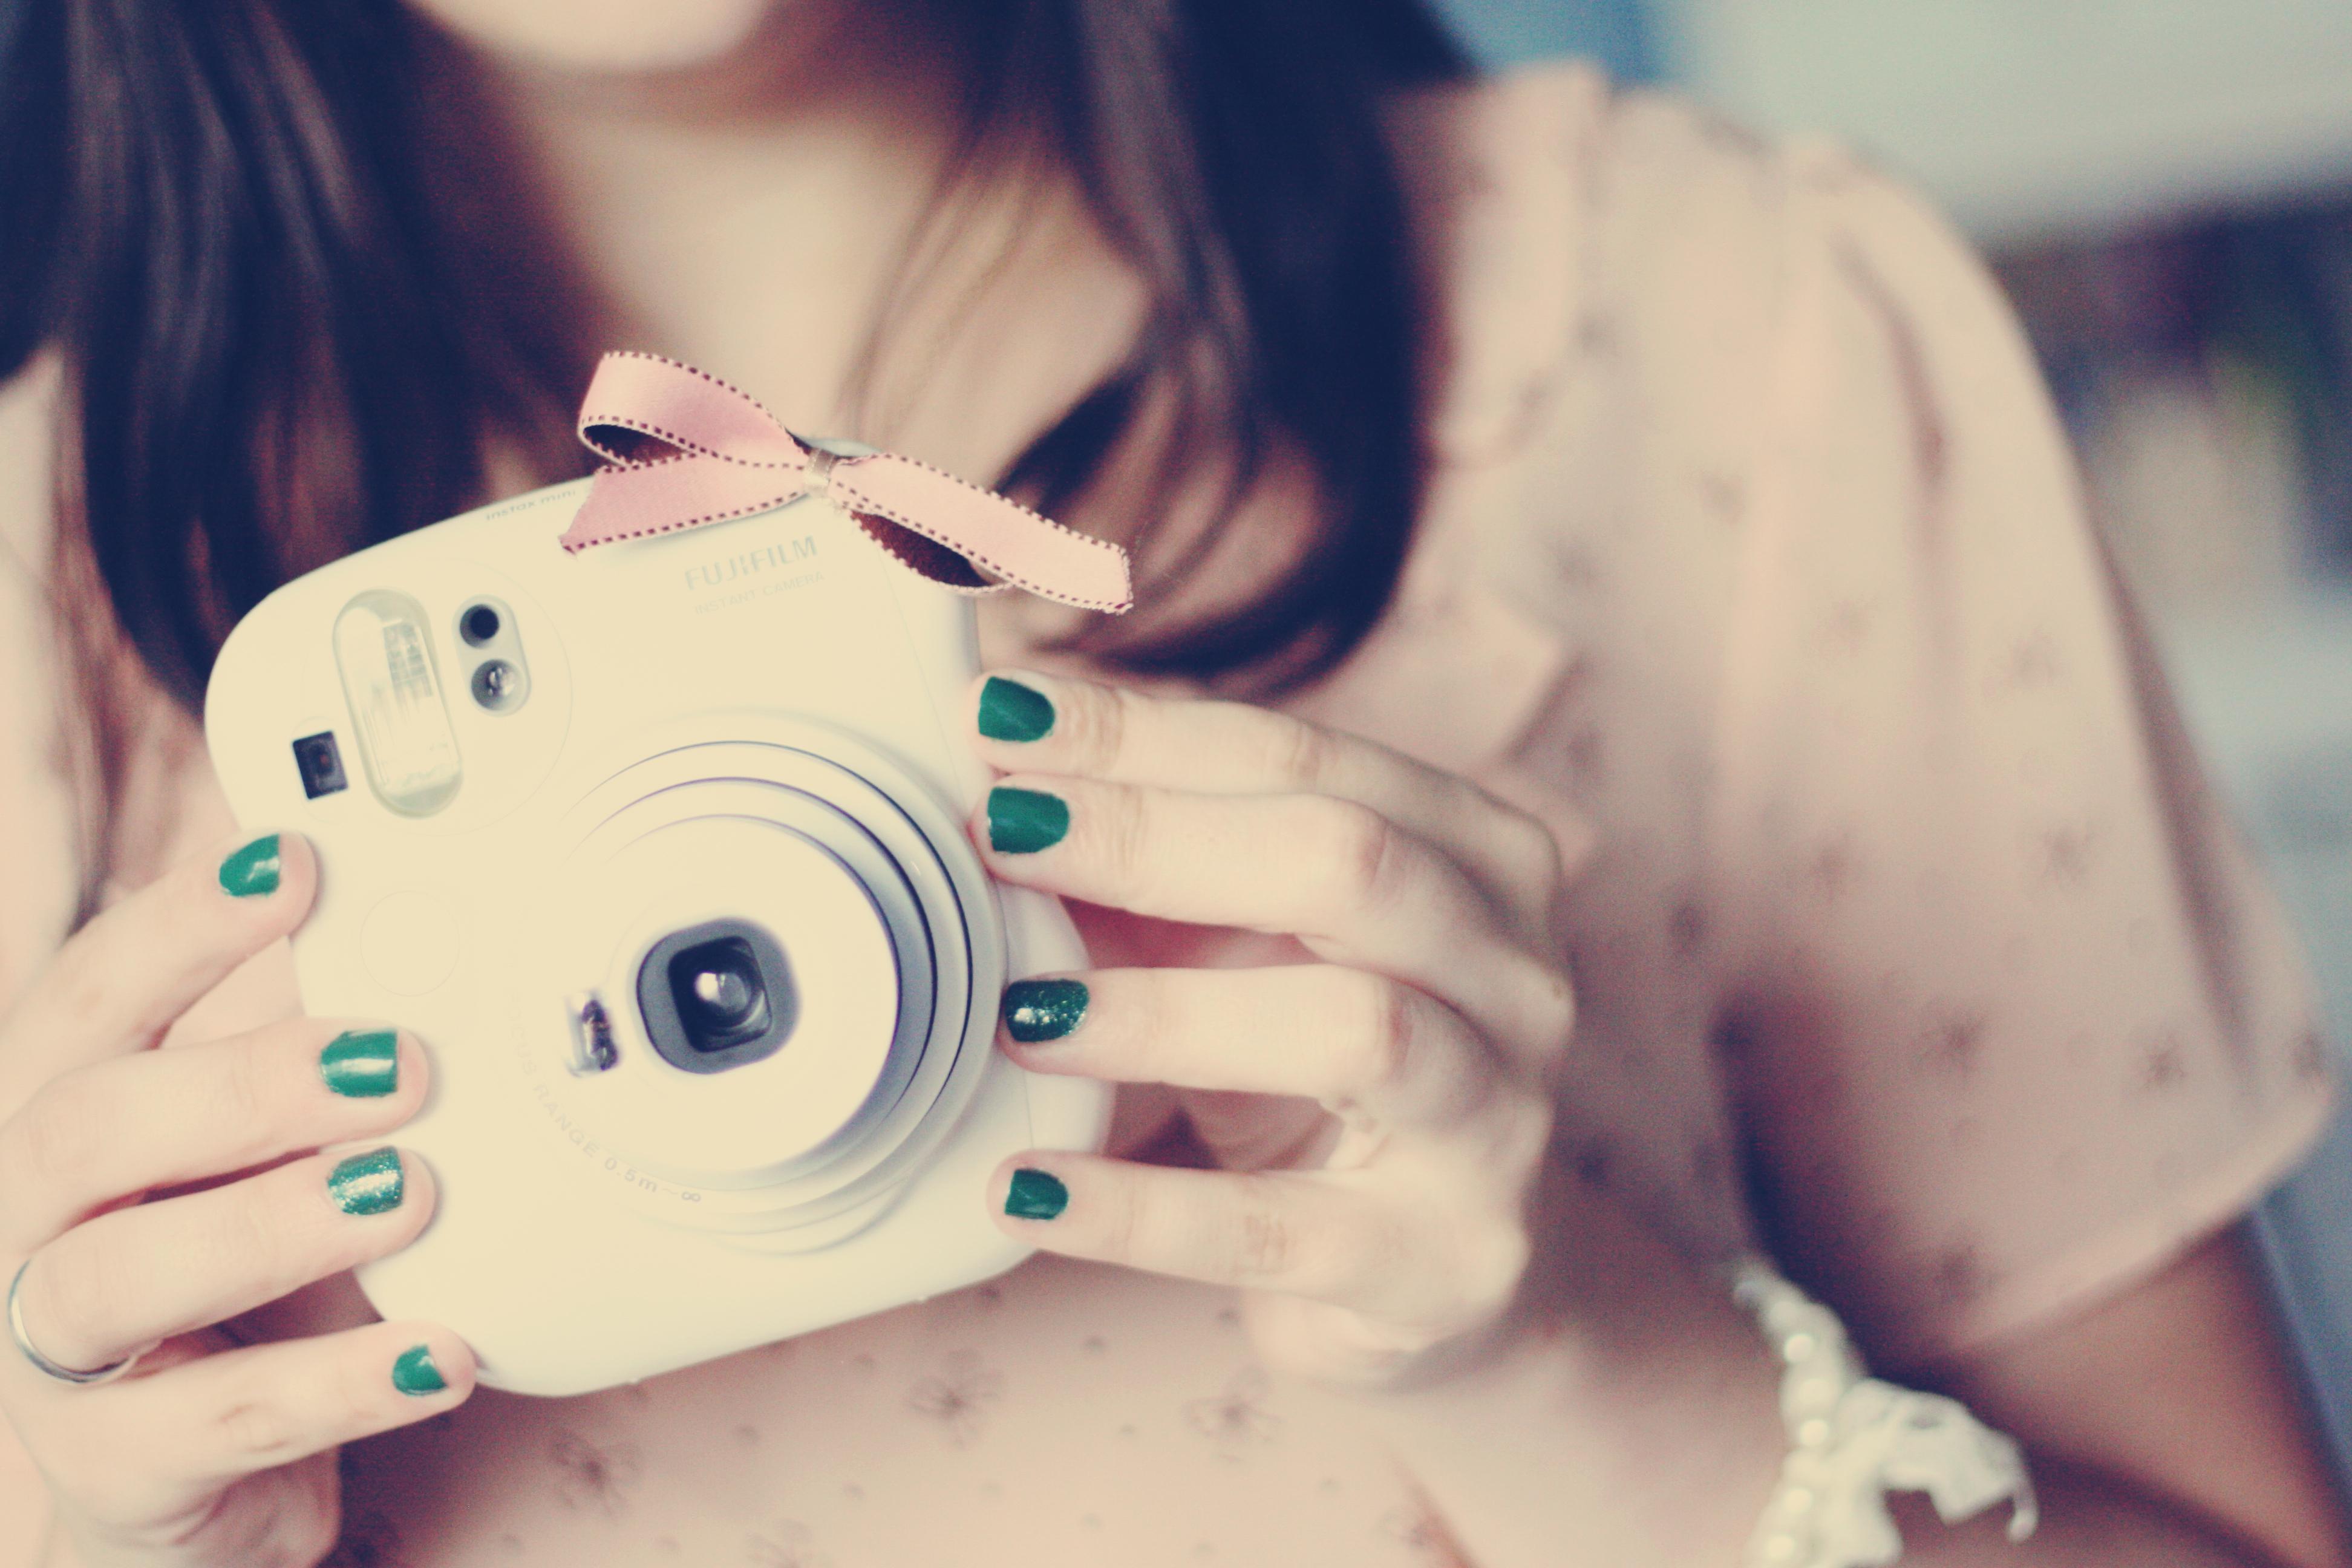 Картинка: Девушка, фотоаппарат, фото, маникюр